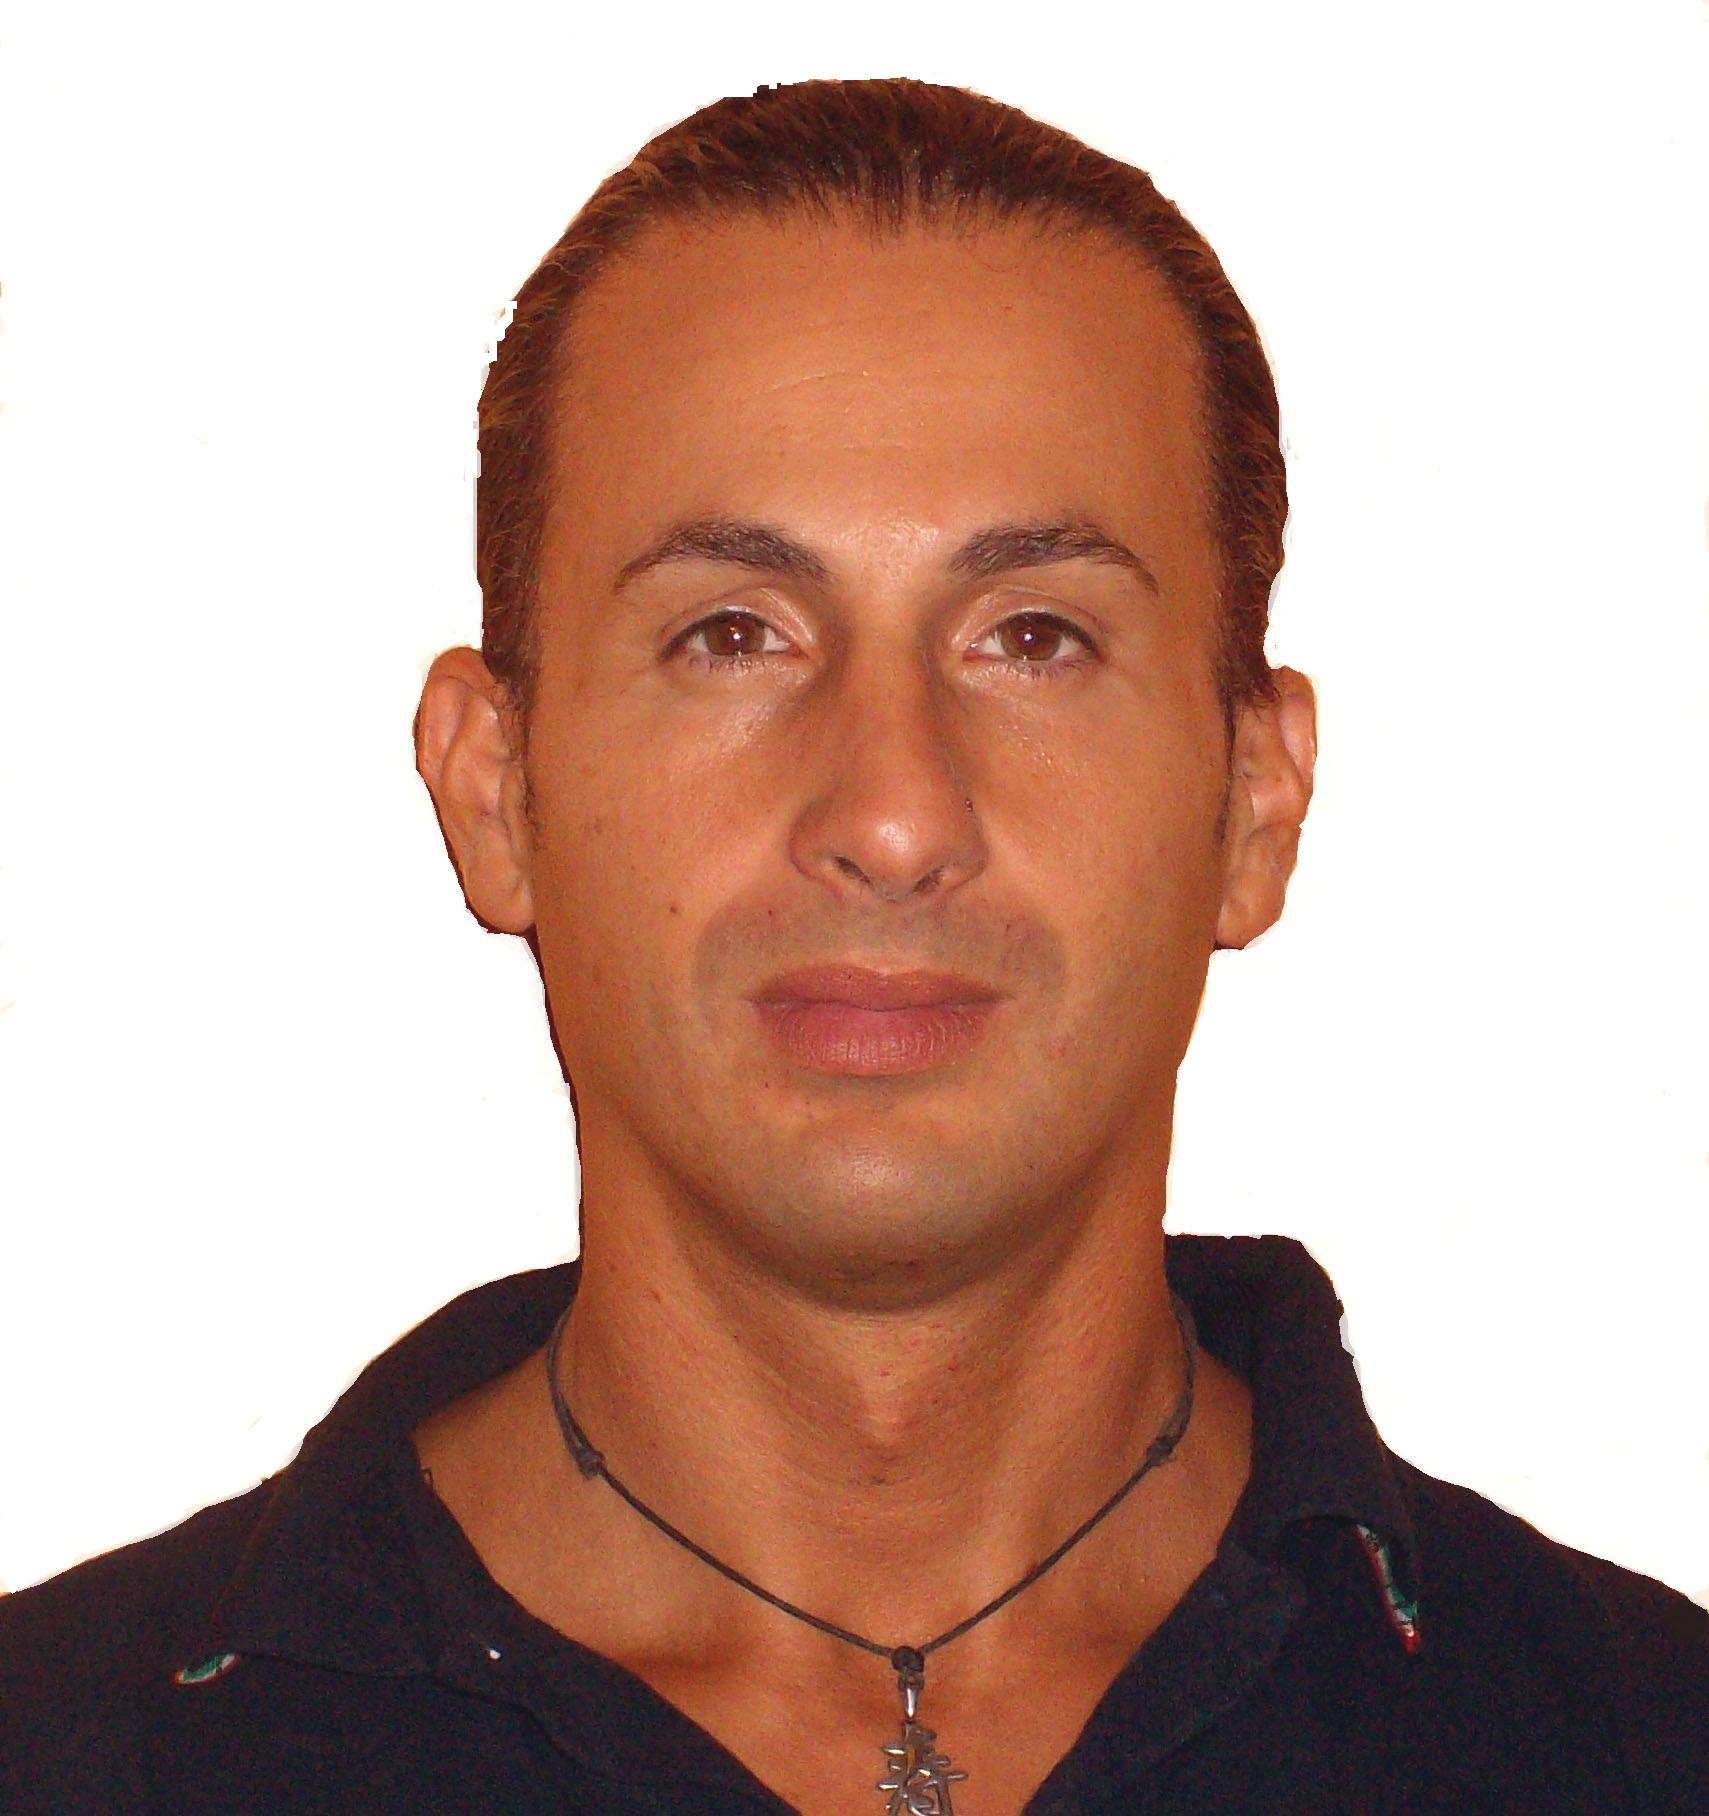 Giuliano Grifagno